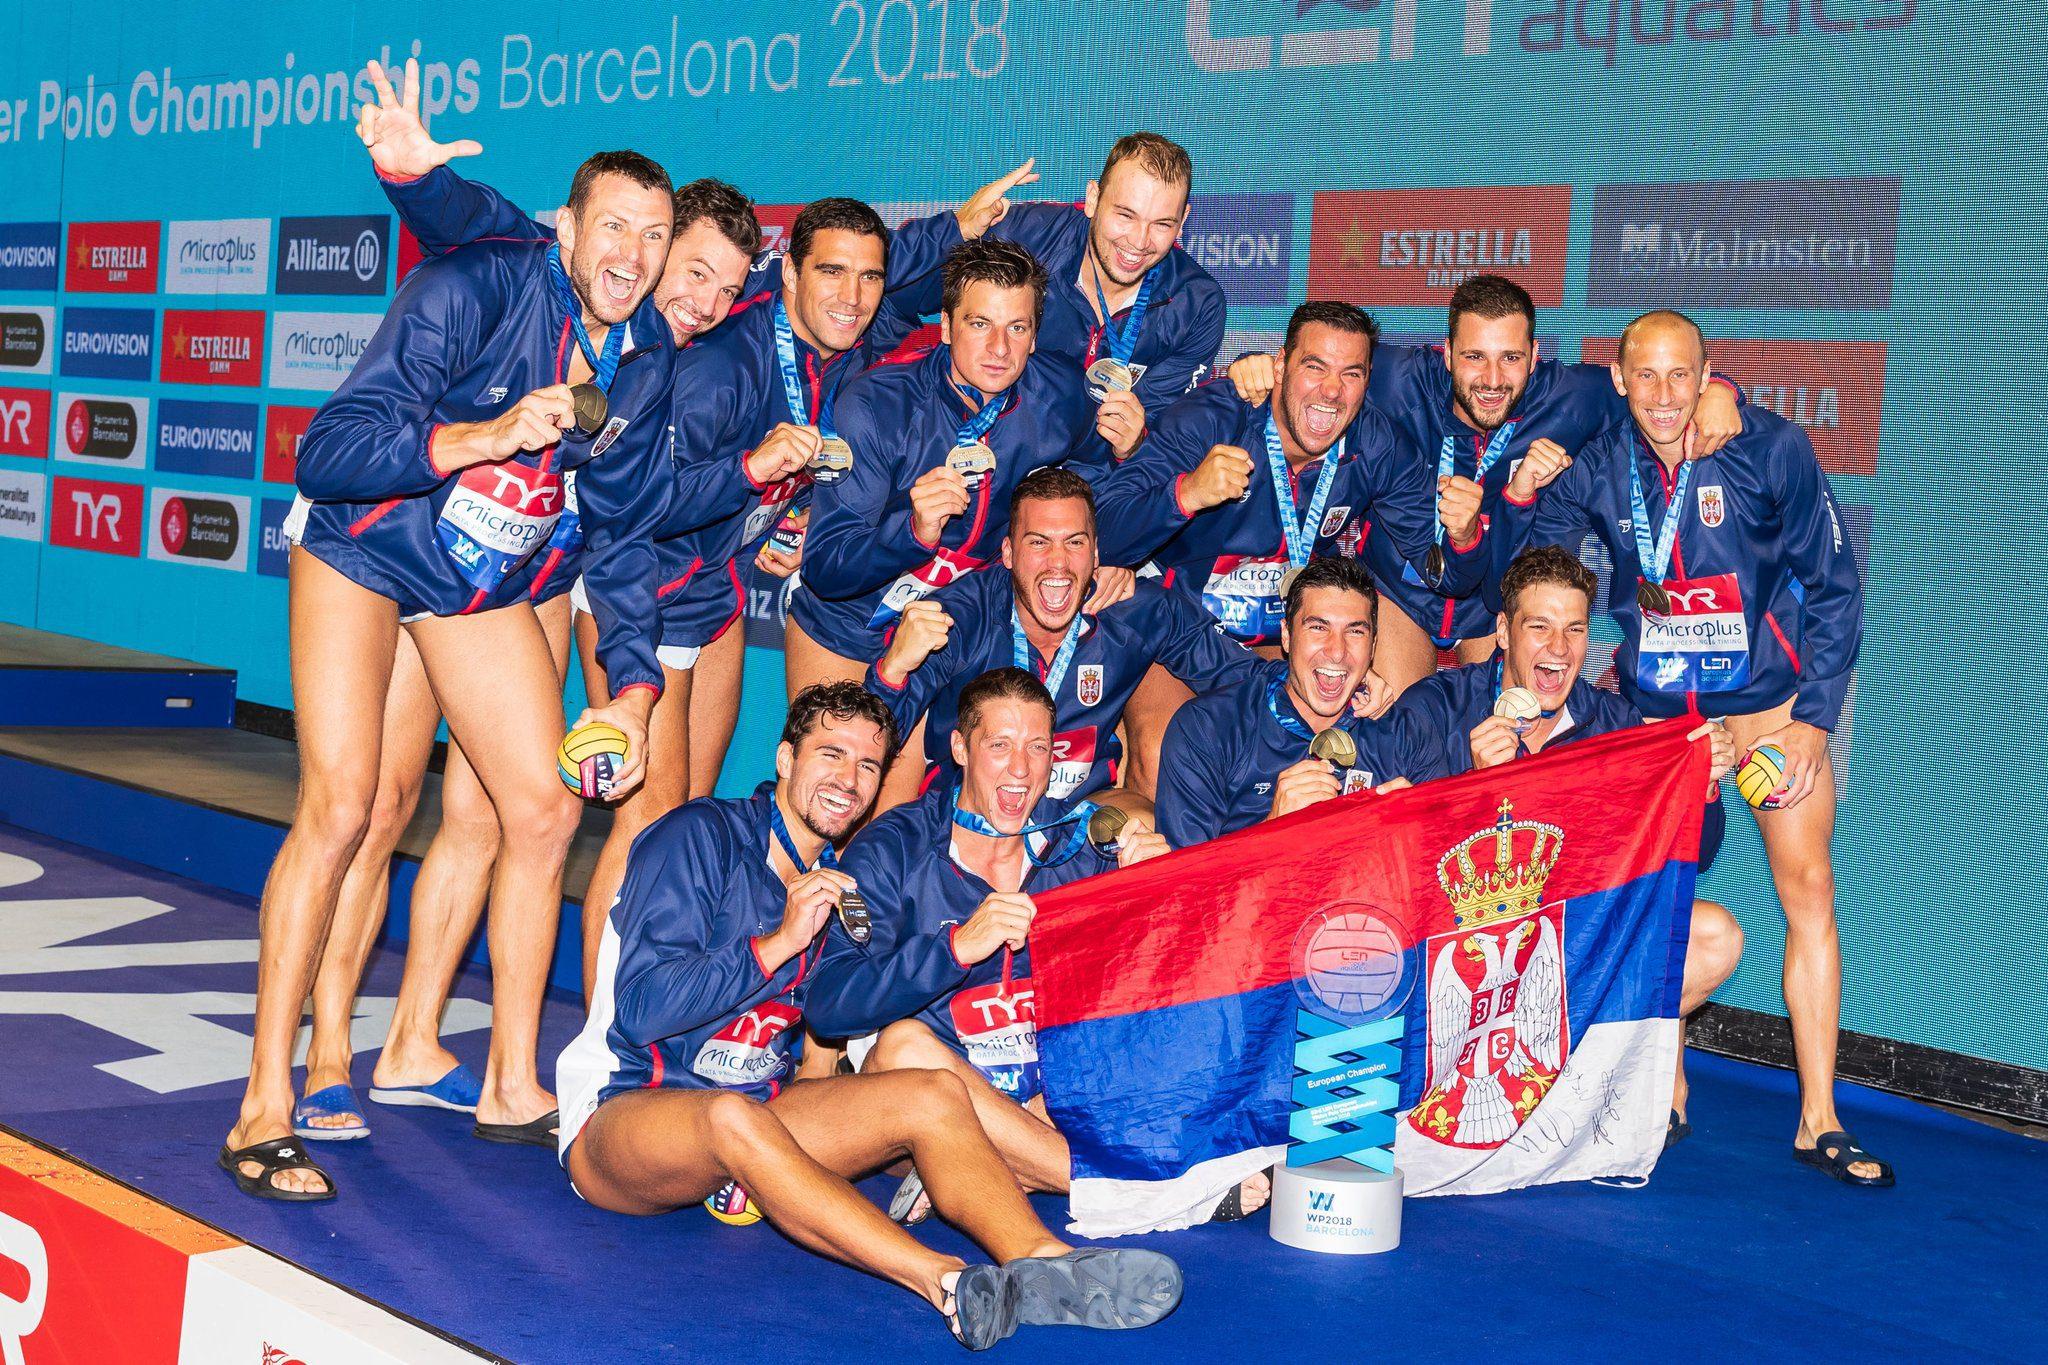 Παρέμειναν στην κορυφή της Ευρώπης οι Σέρβοι (vds)